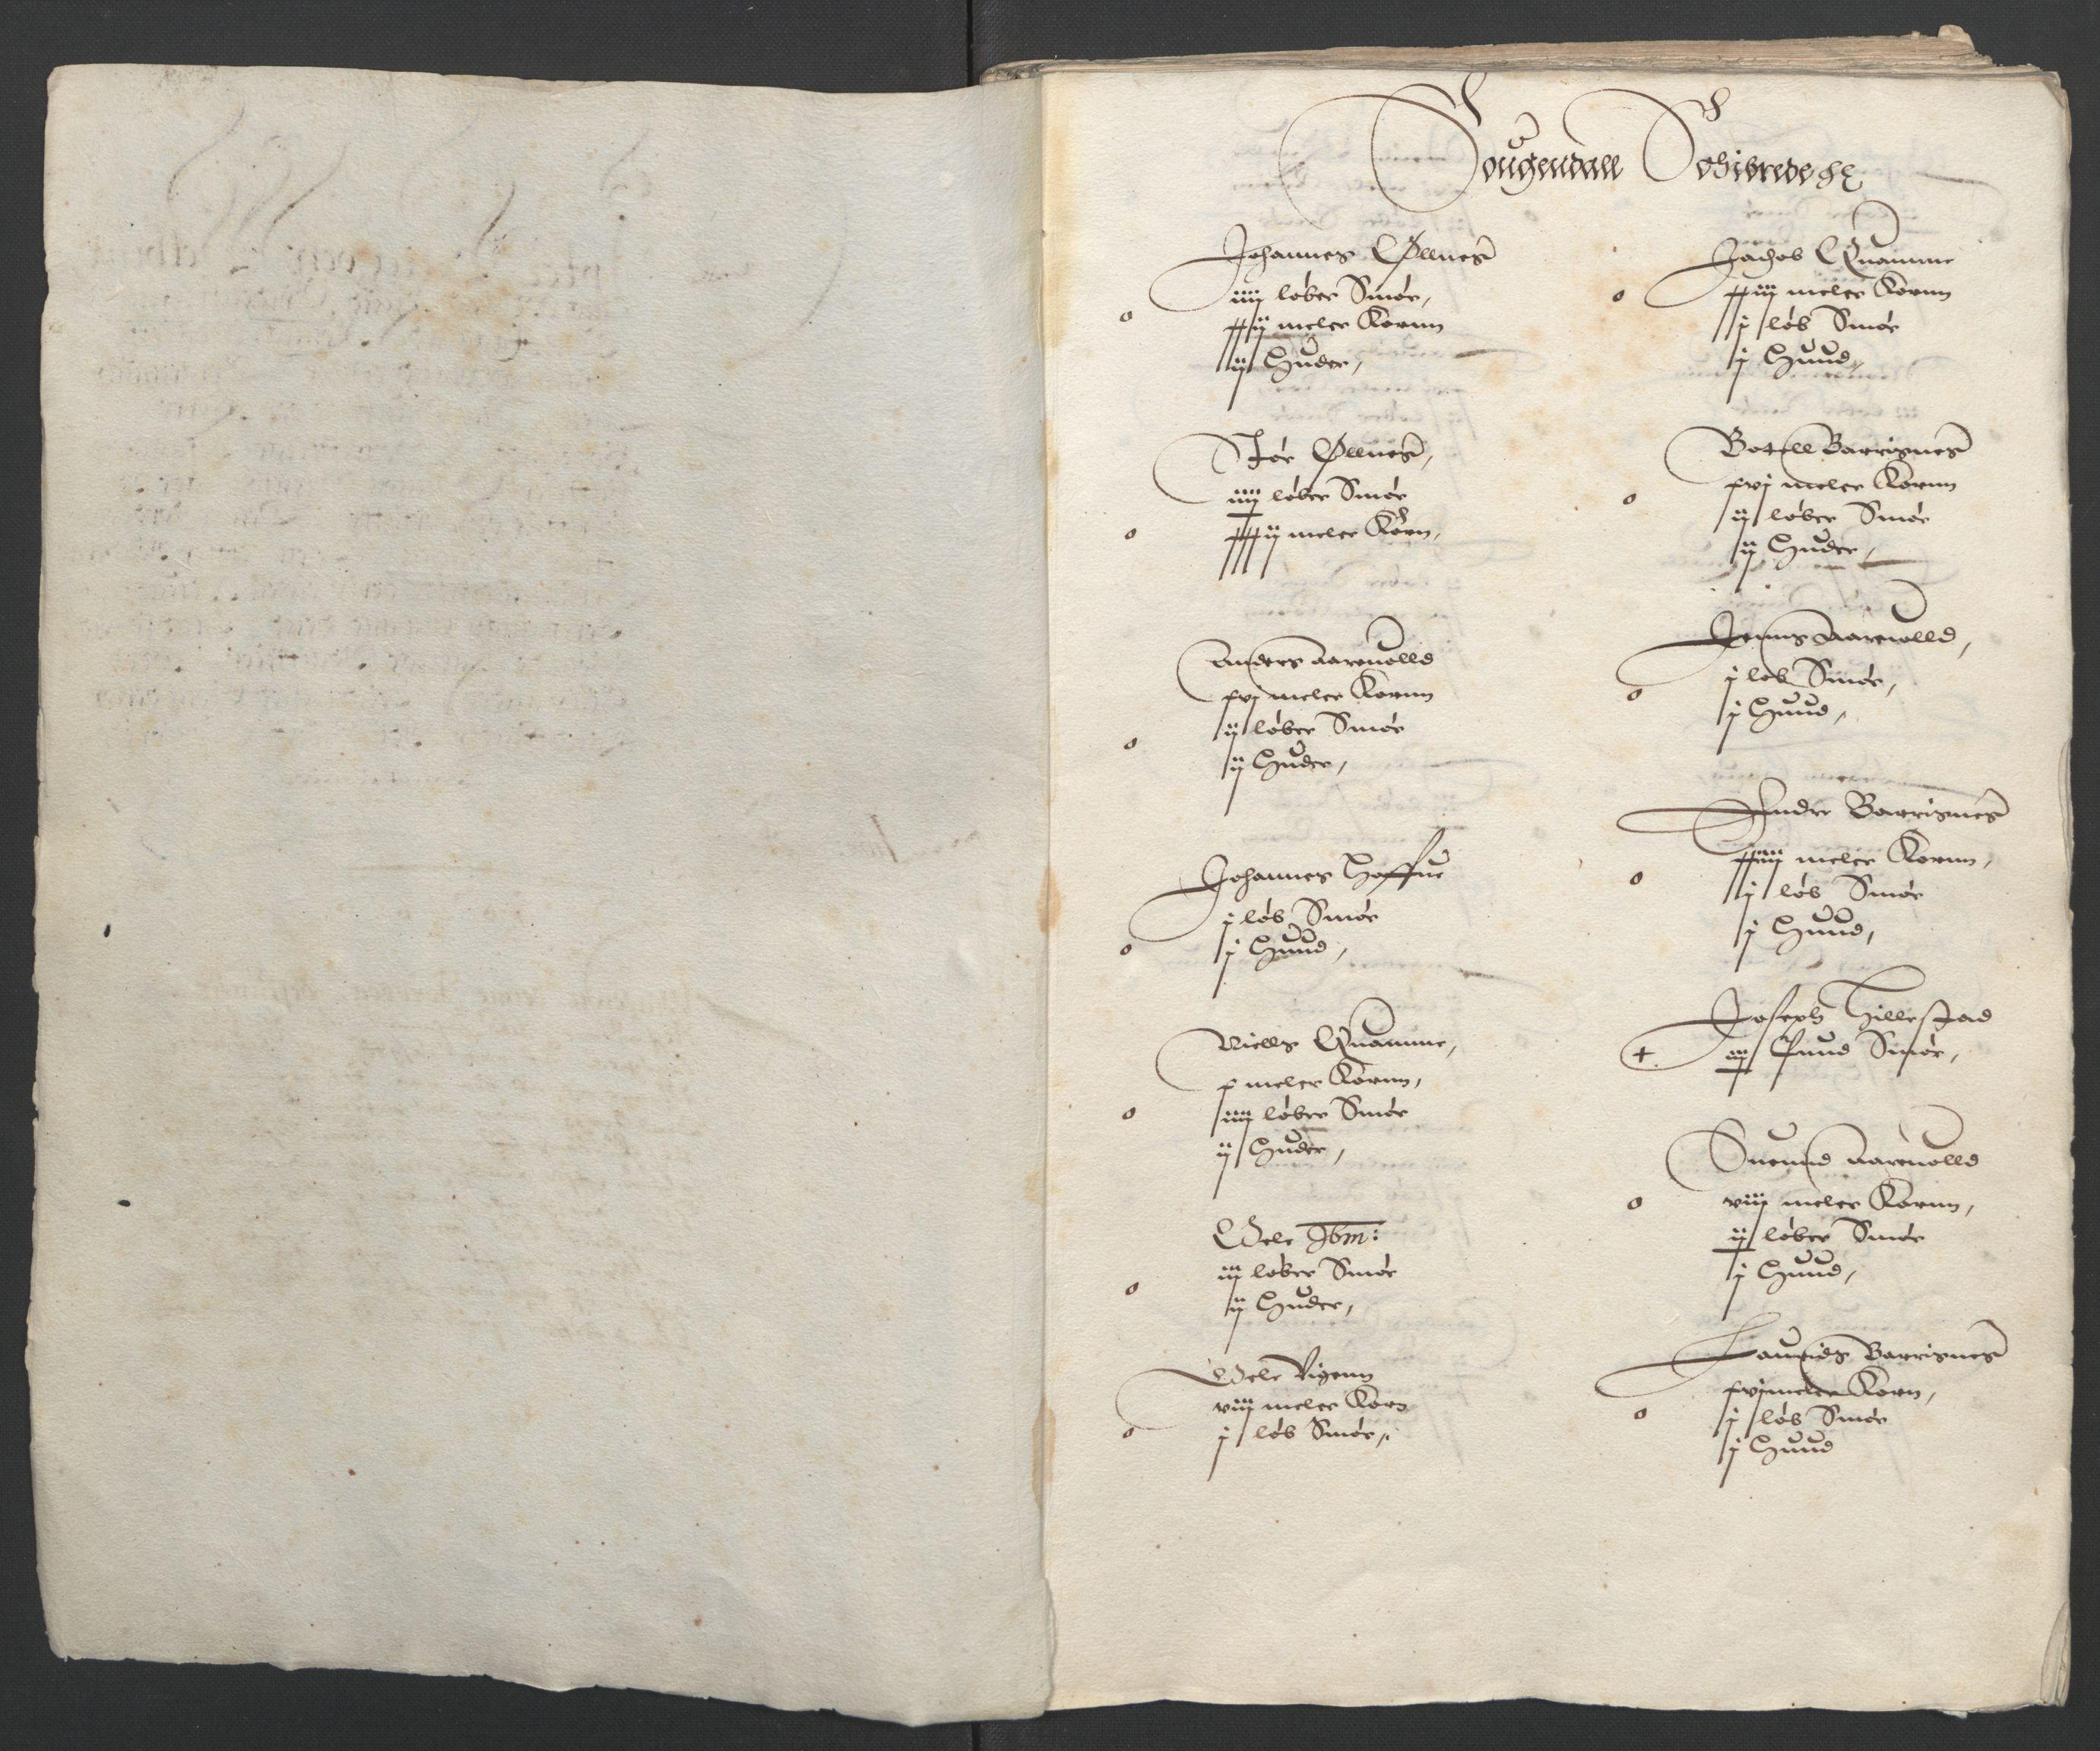 RA, Stattholderembetet 1572-1771, Ek/L0004: Jordebøker til utlikning av garnisonsskatt 1624-1626:, 1626, s. 176